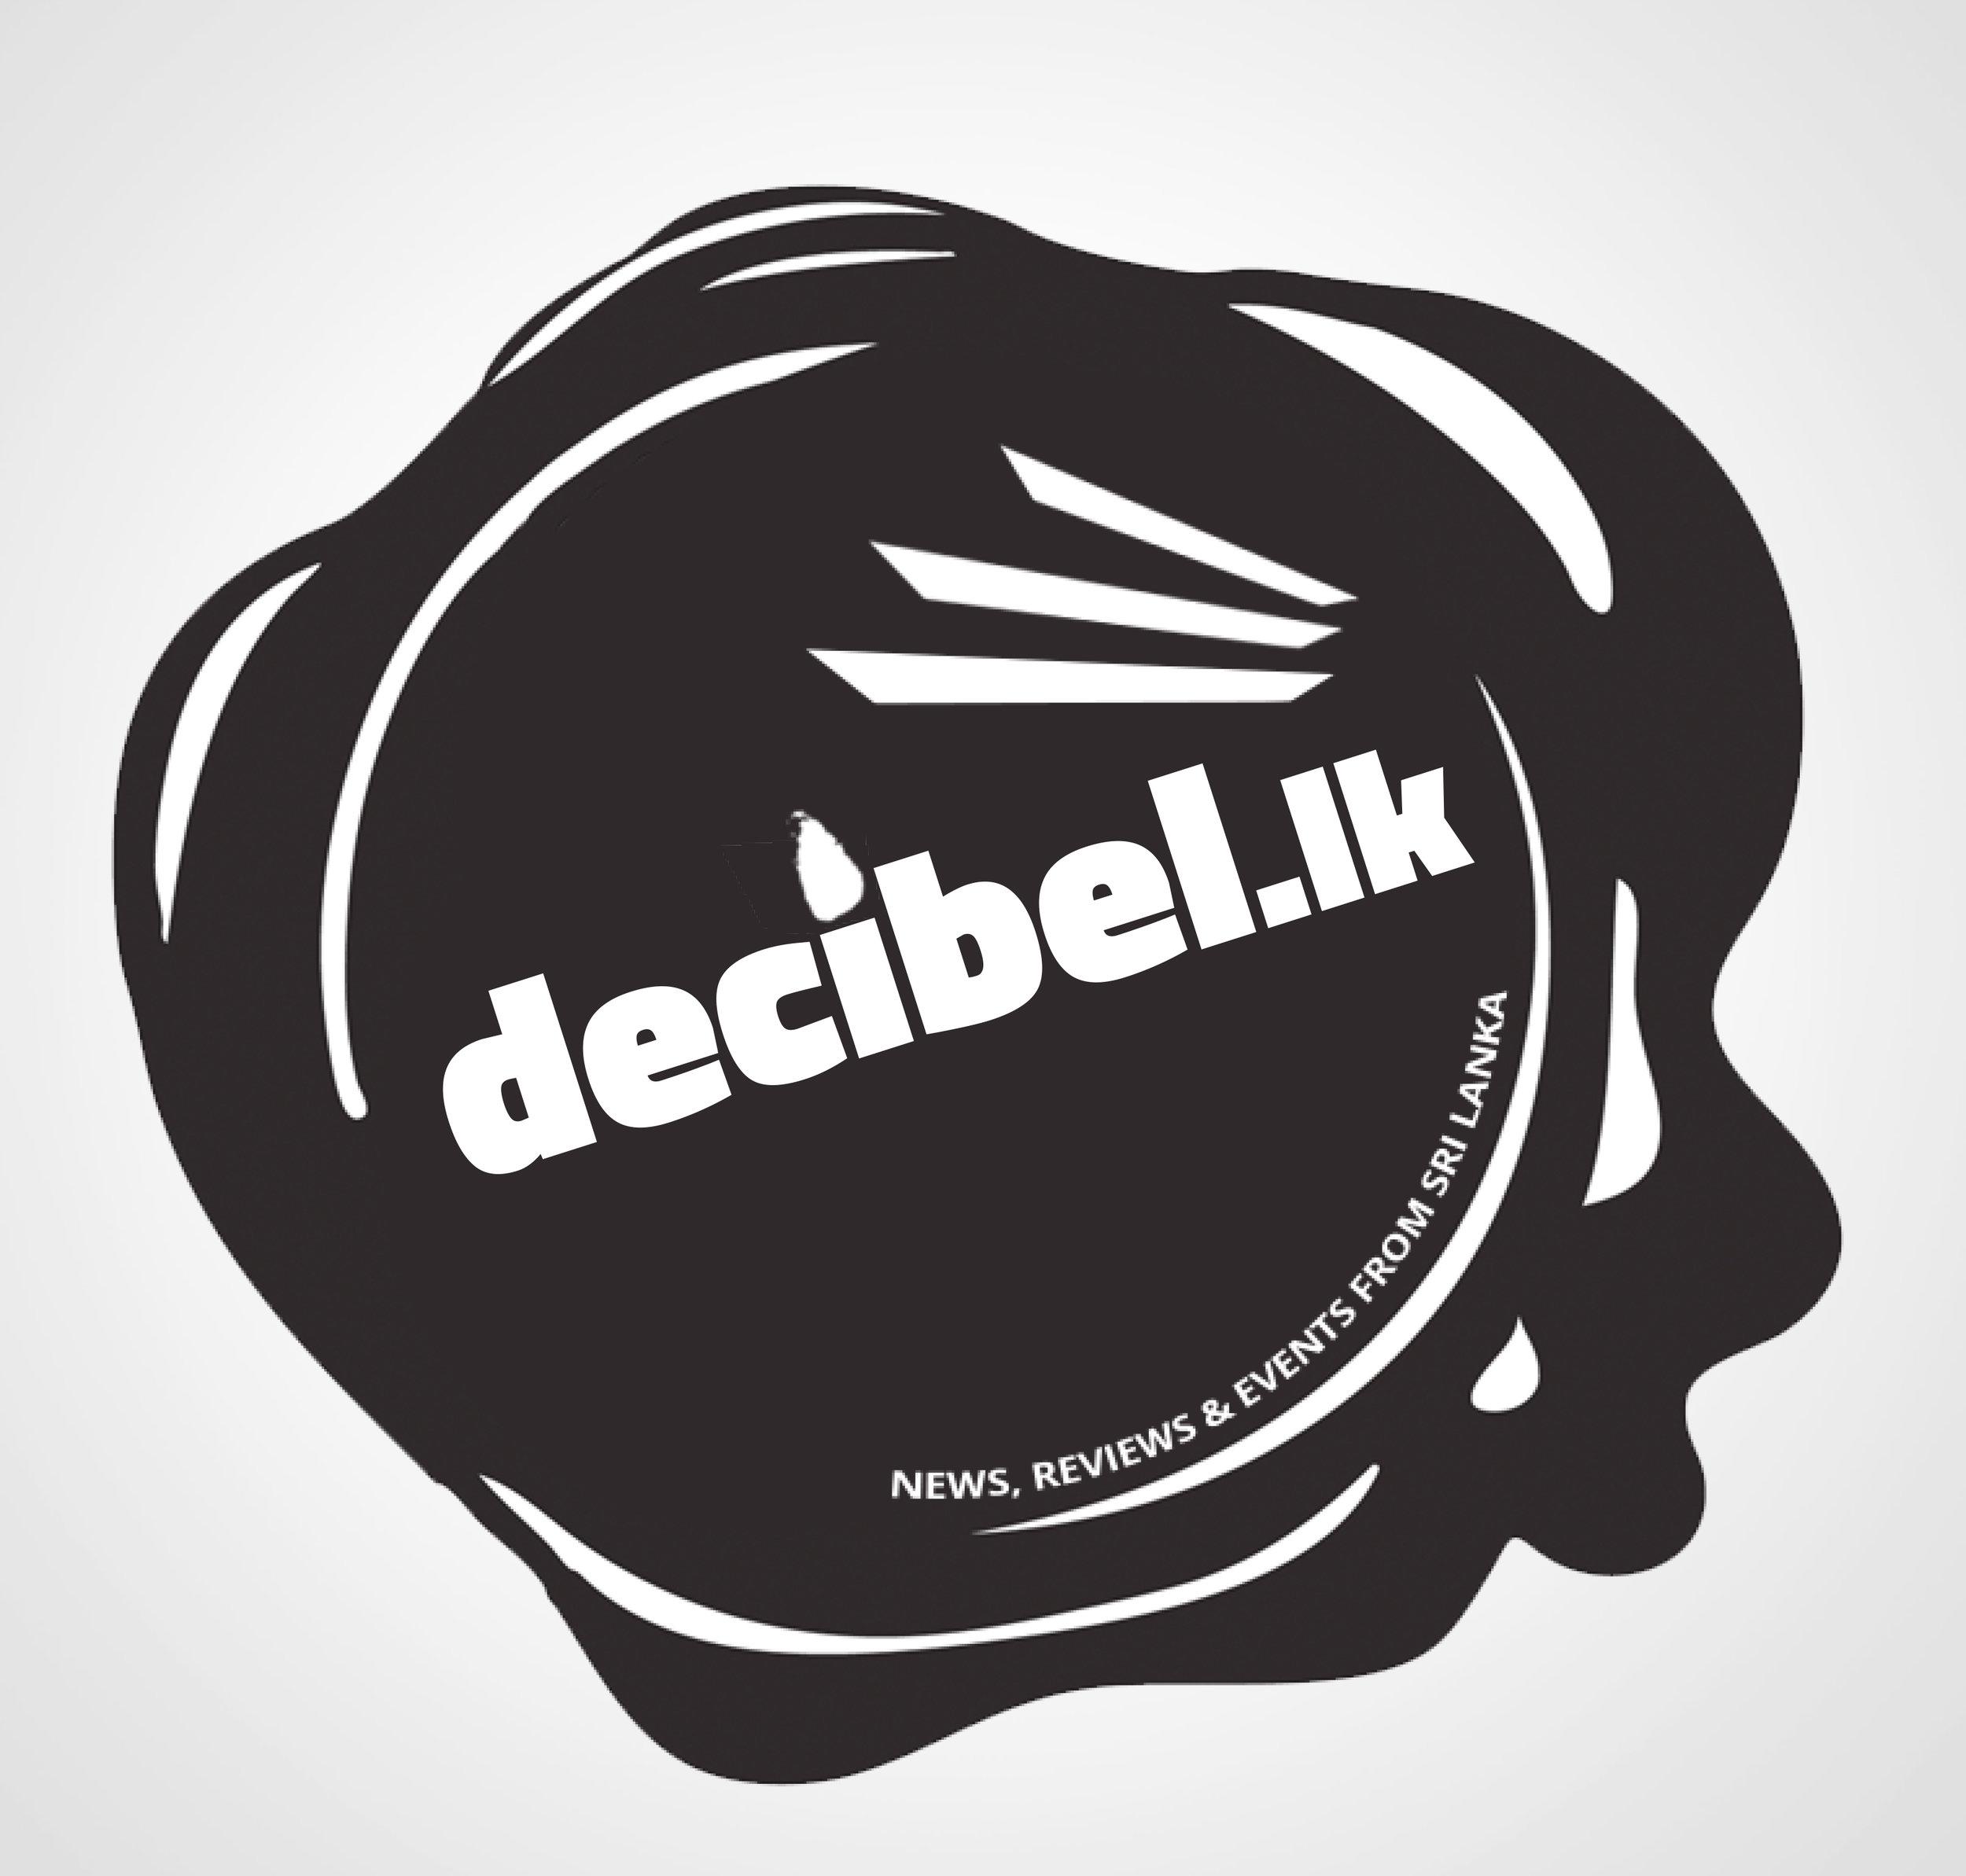 decibels 2.jpg